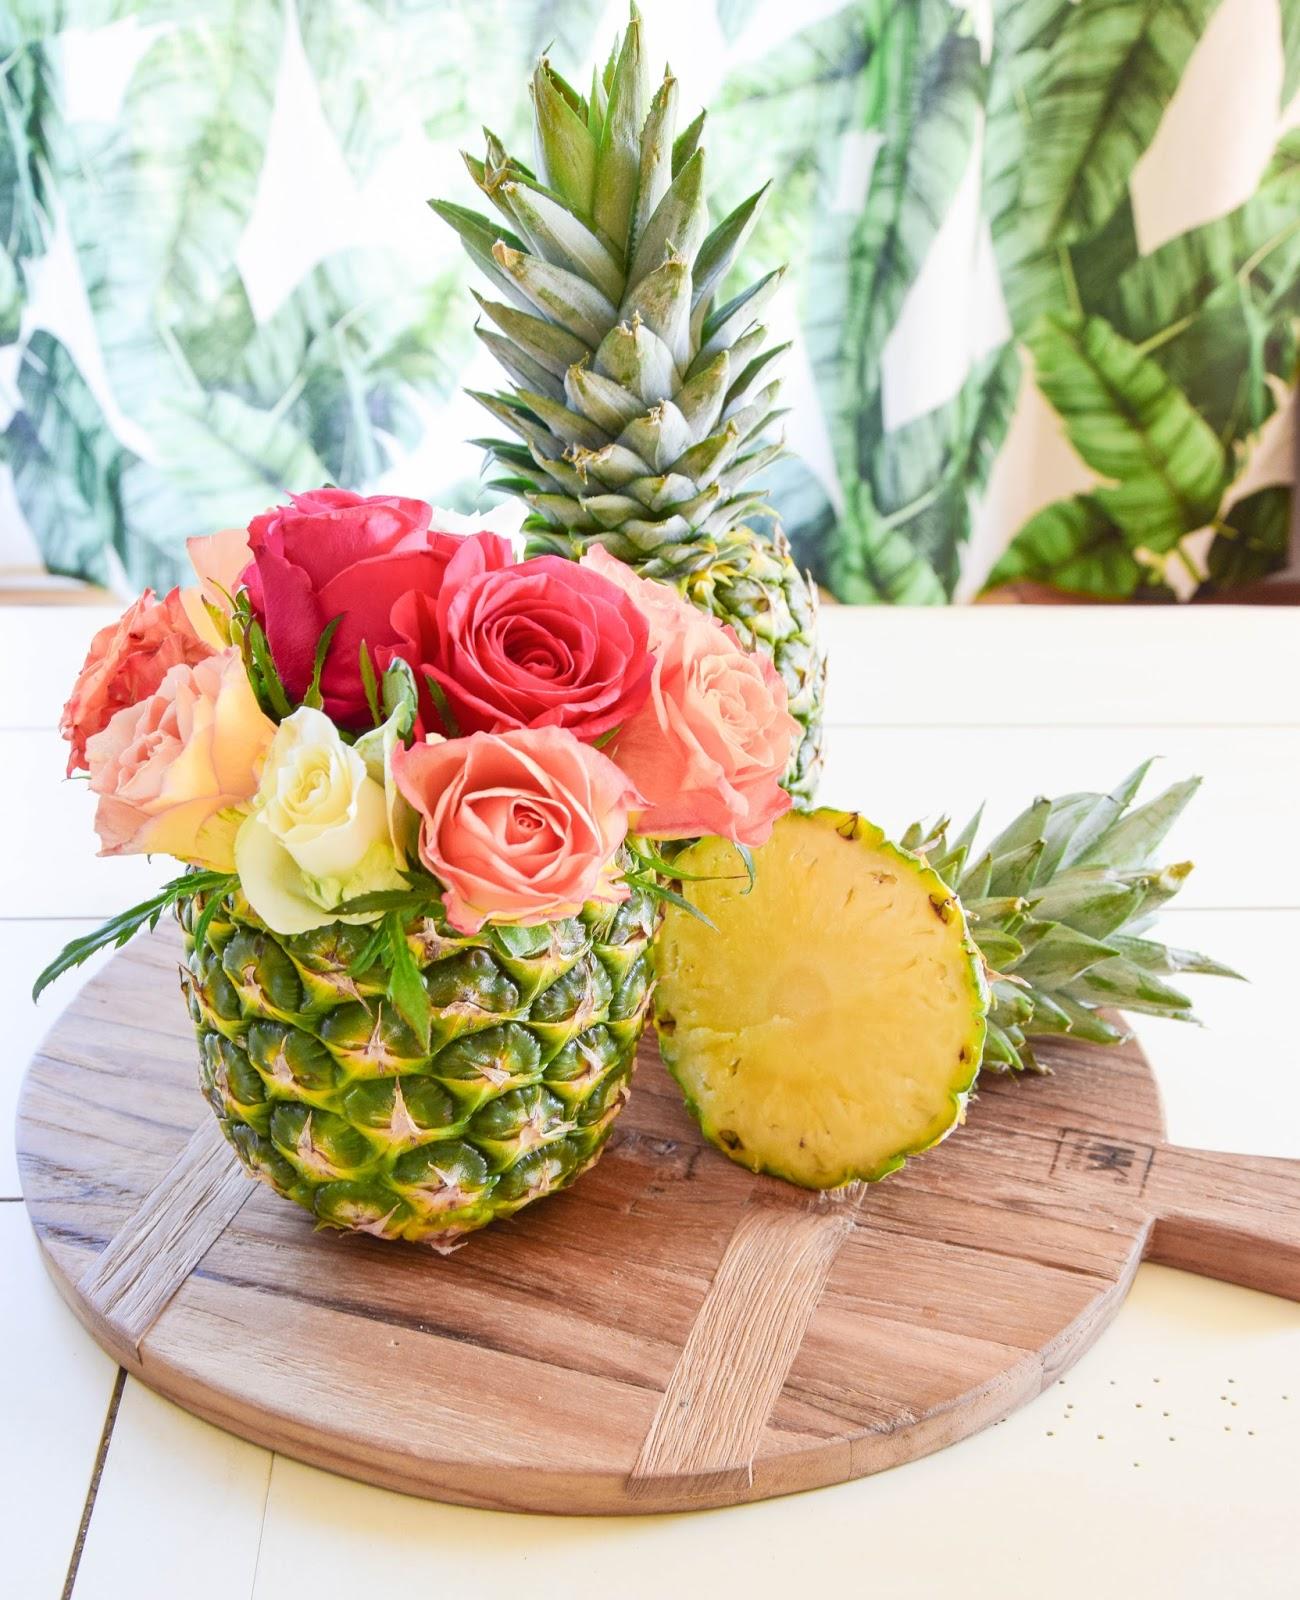 Uberlegen DIY Vase Aus Ananas: Einfach Und In 5 Minuten Fertig! Tischdeko Für Die  Sommerparty